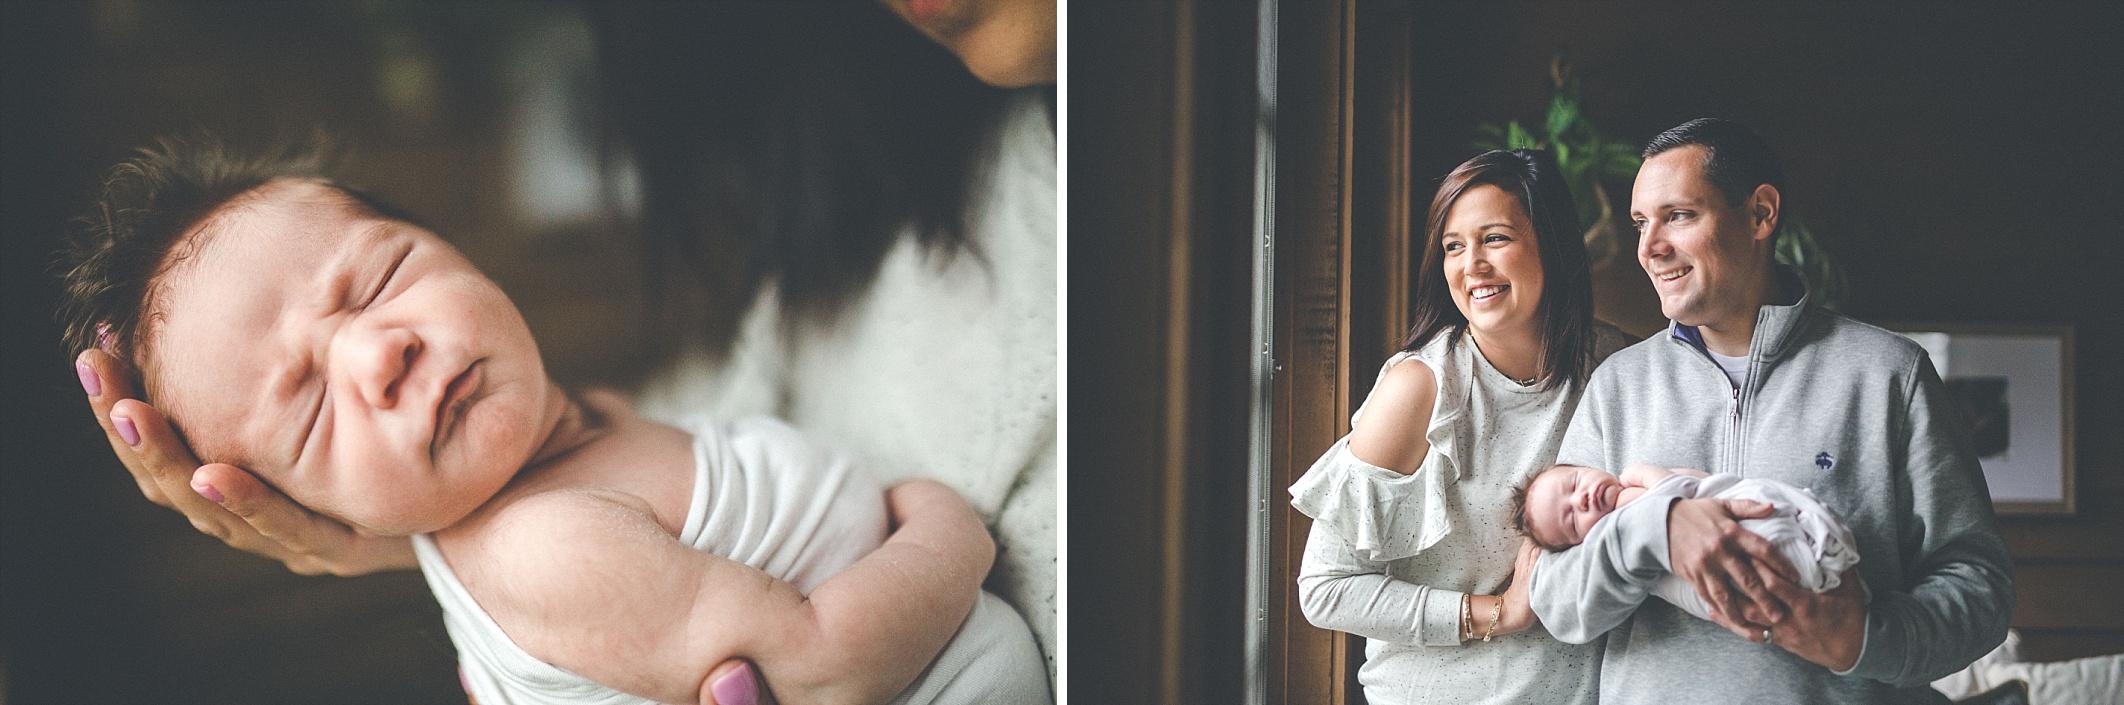 family-newborn-photographer-cincinnati-ohio_0031.jpg